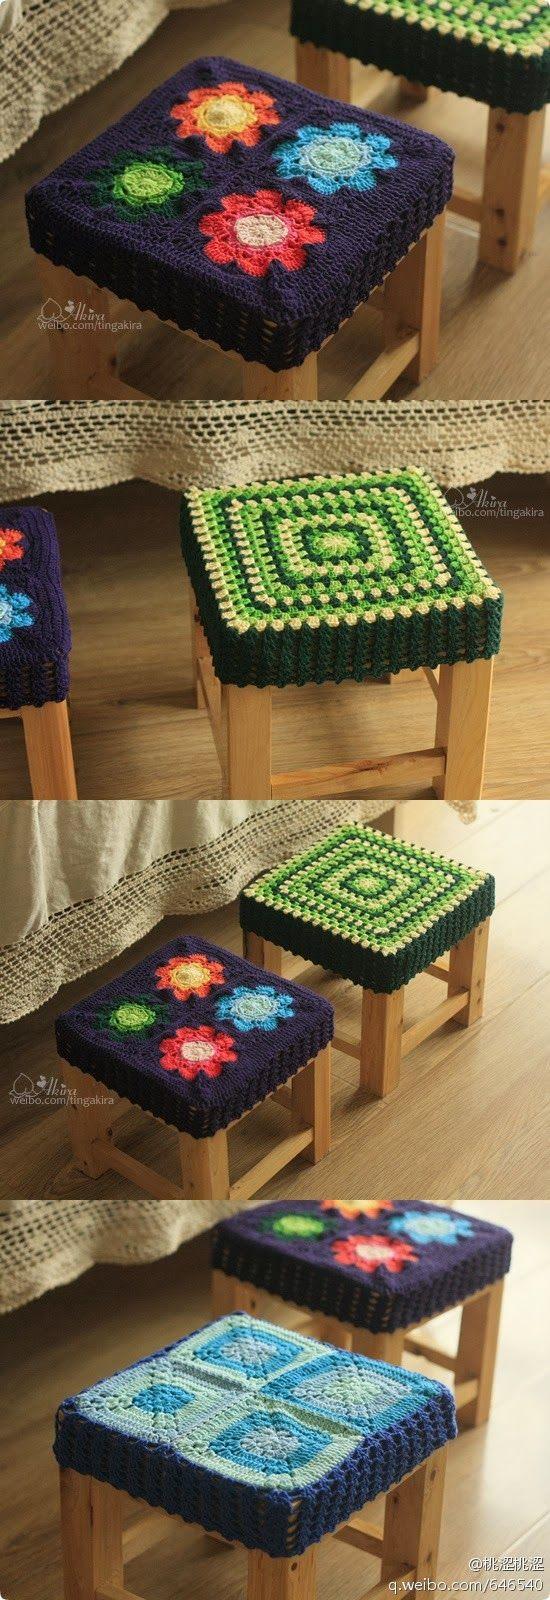 FIFIA CROCHETA blog de crochê : trabalhos de crochê belíssimos